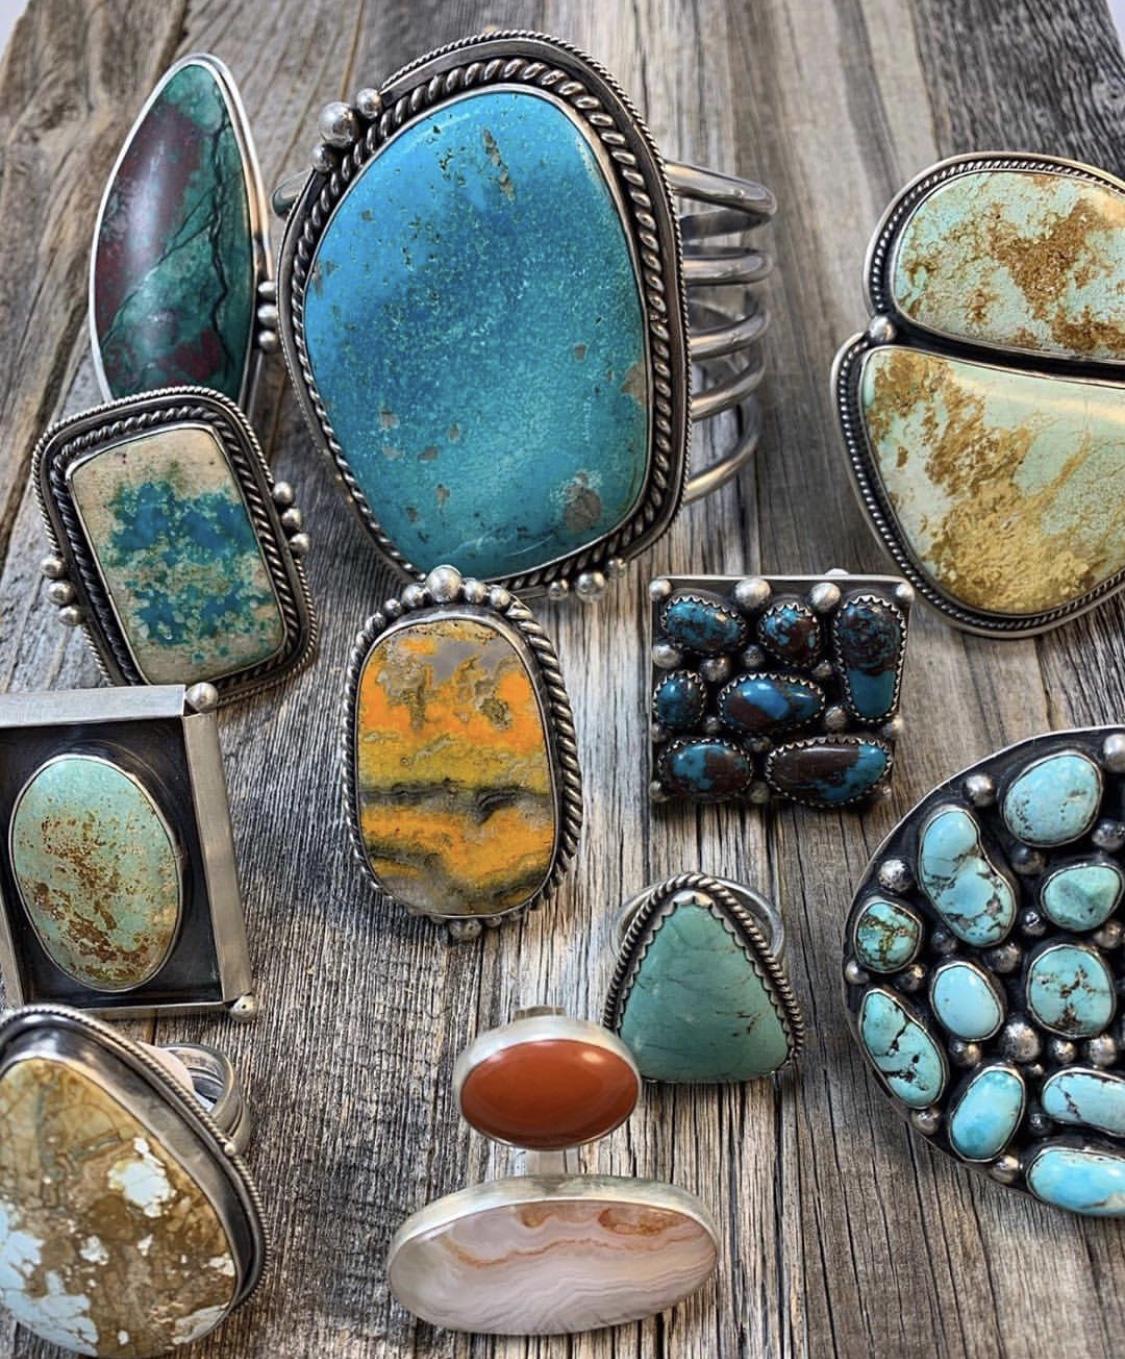 The Silver Artichoke - Fourth Generation Navajo Silversmith